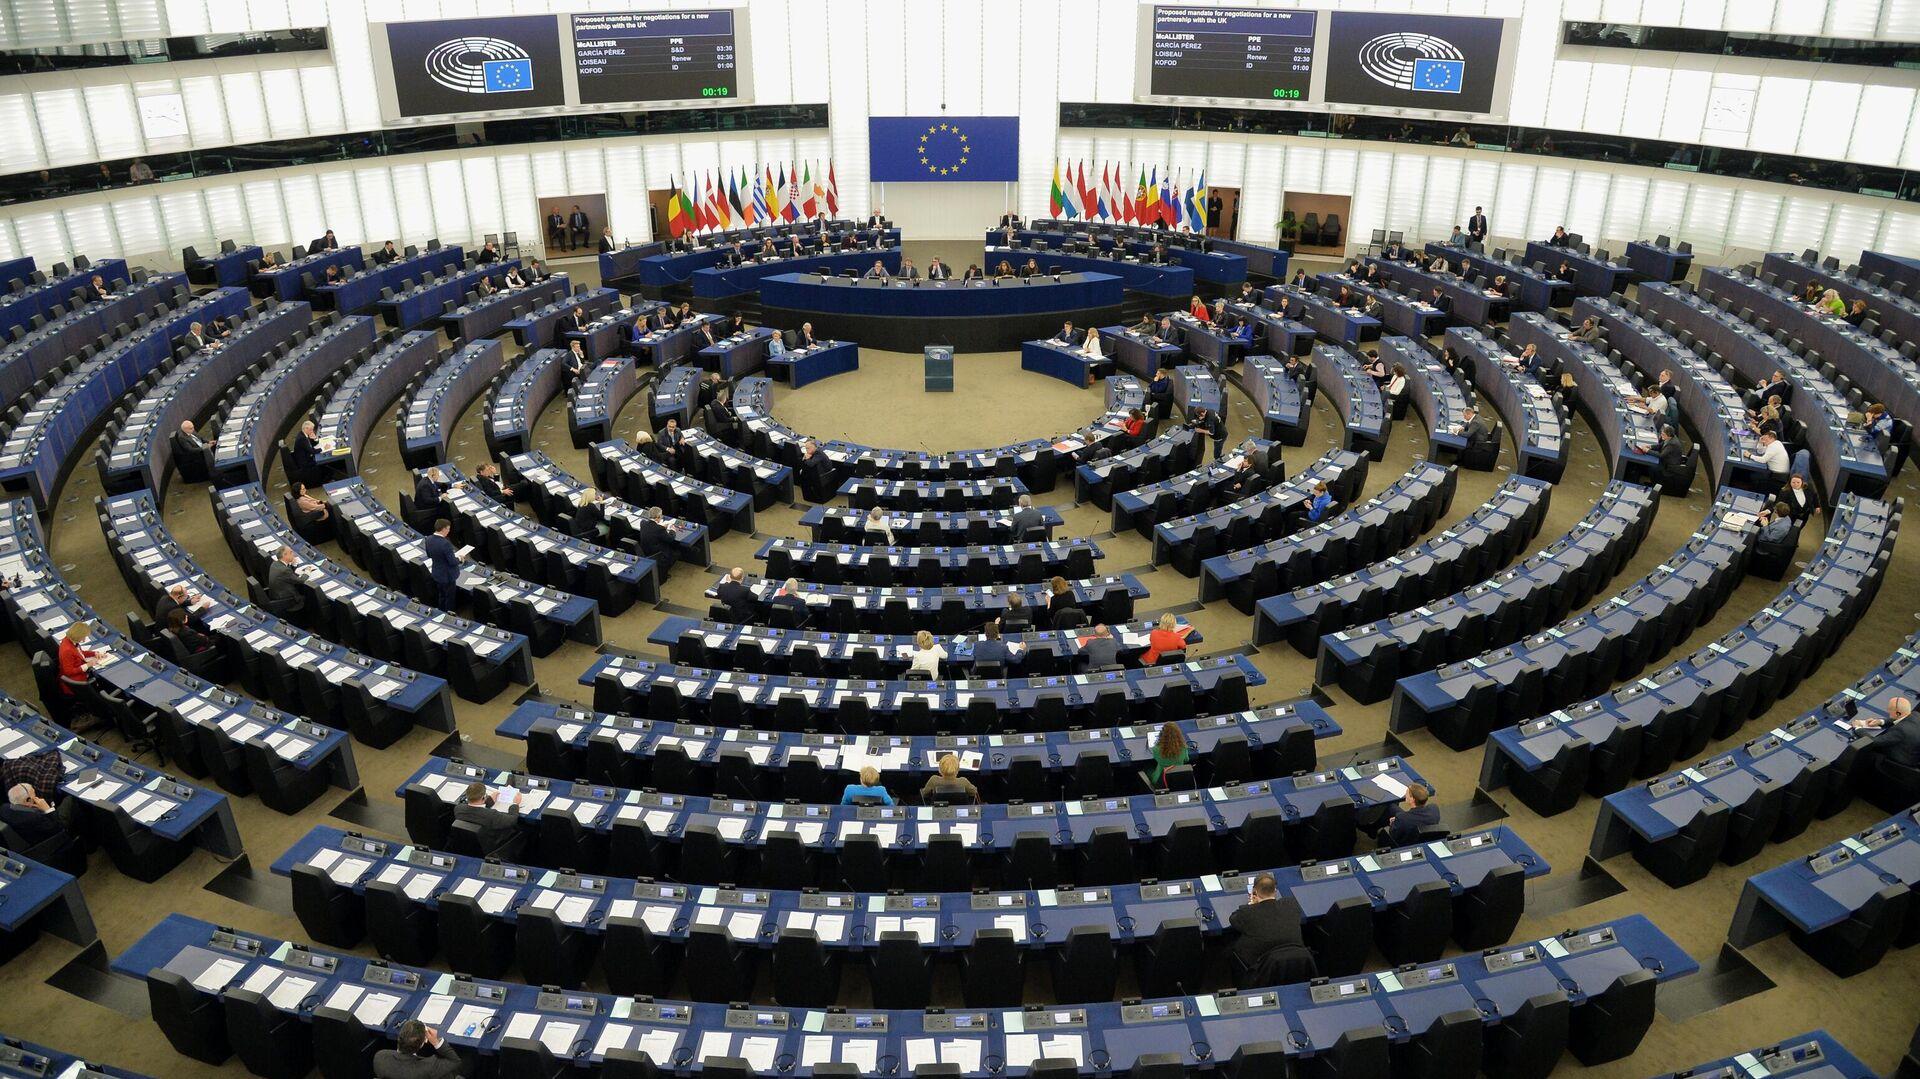 Пленарная сессия Европейского парламента в Страсбурге - РИА Новости, 1920, 13.09.2021